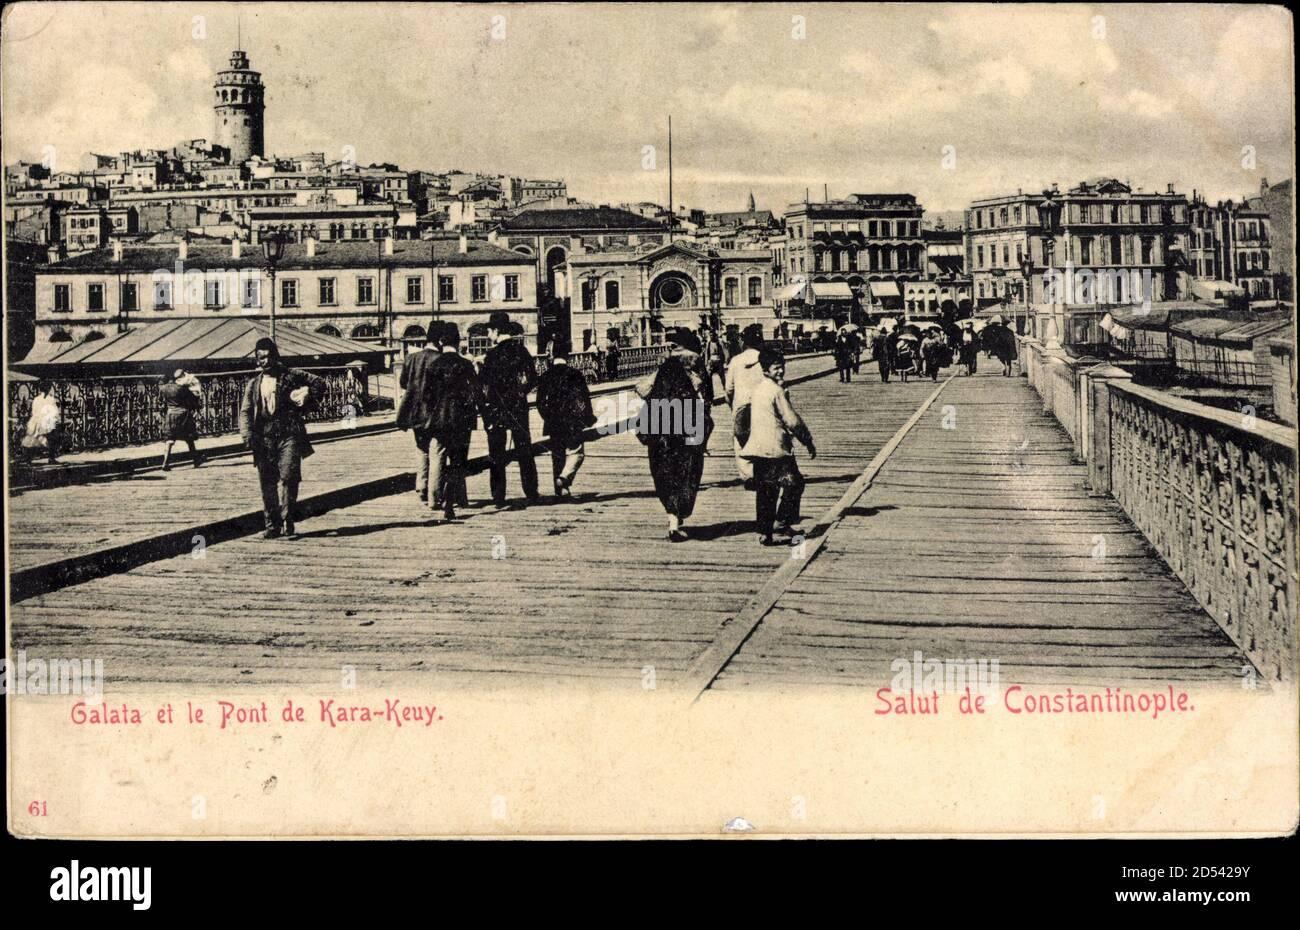 Konstantinopel Istanbul Türkei, Galata et le Pont de Kara Keuy   utilisation dans le monde entier Banque D'Images